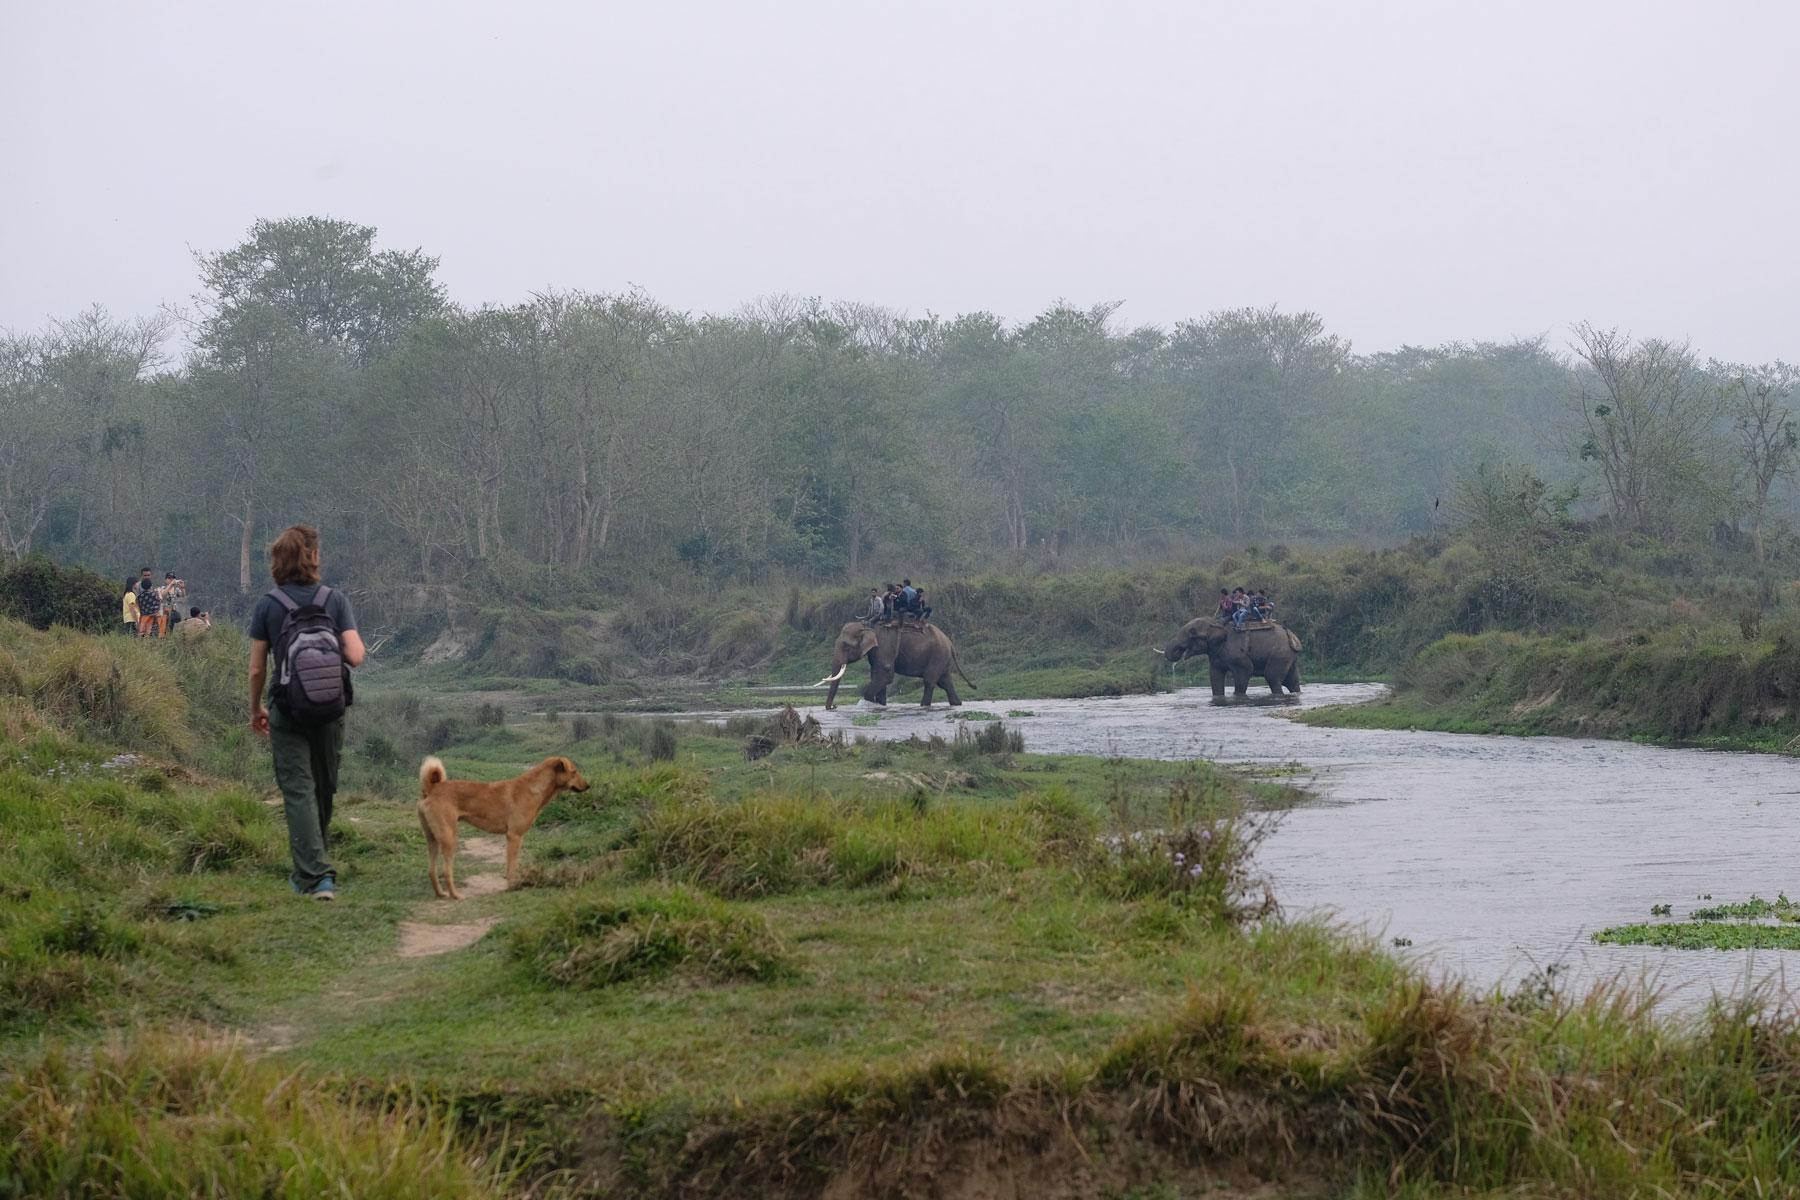 Sebastian geht neben einem Hund und schaut zu zwei berittenen Elefanten, die im Fluss waten.